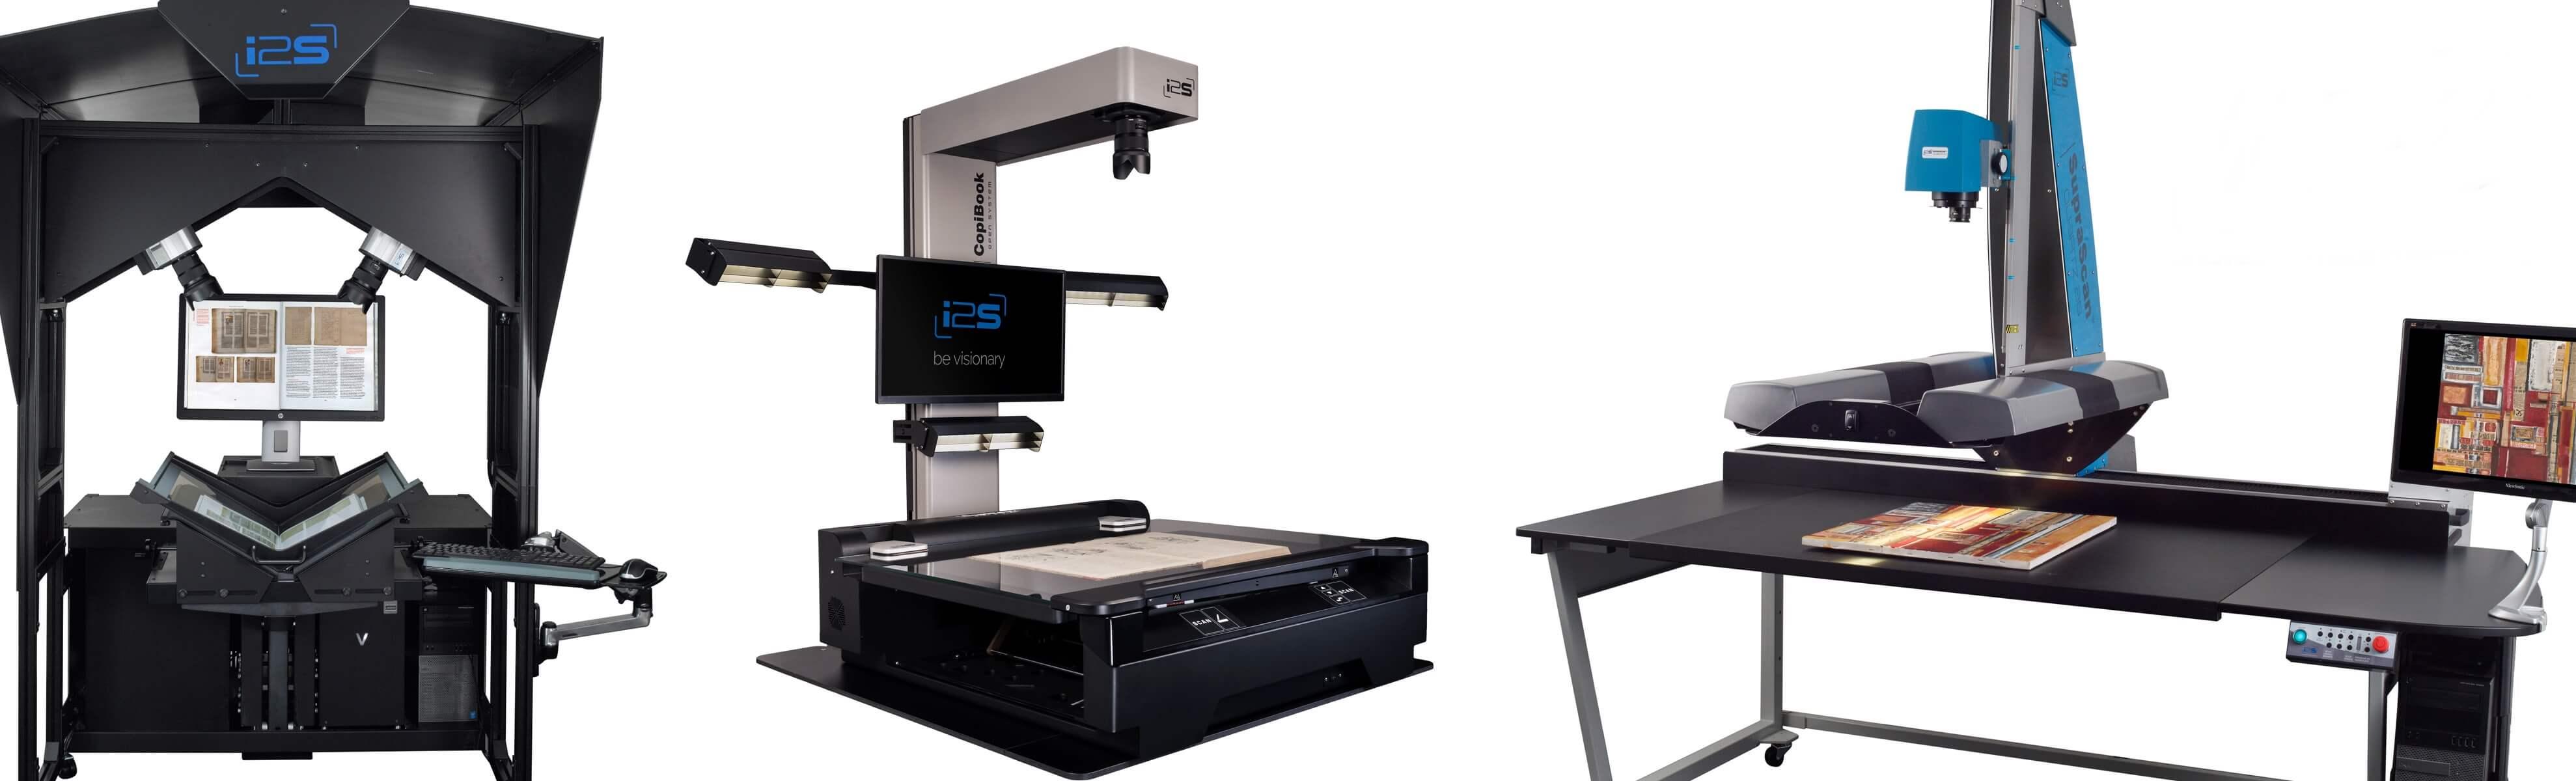 Knižní a velkoformátové skenery i2S